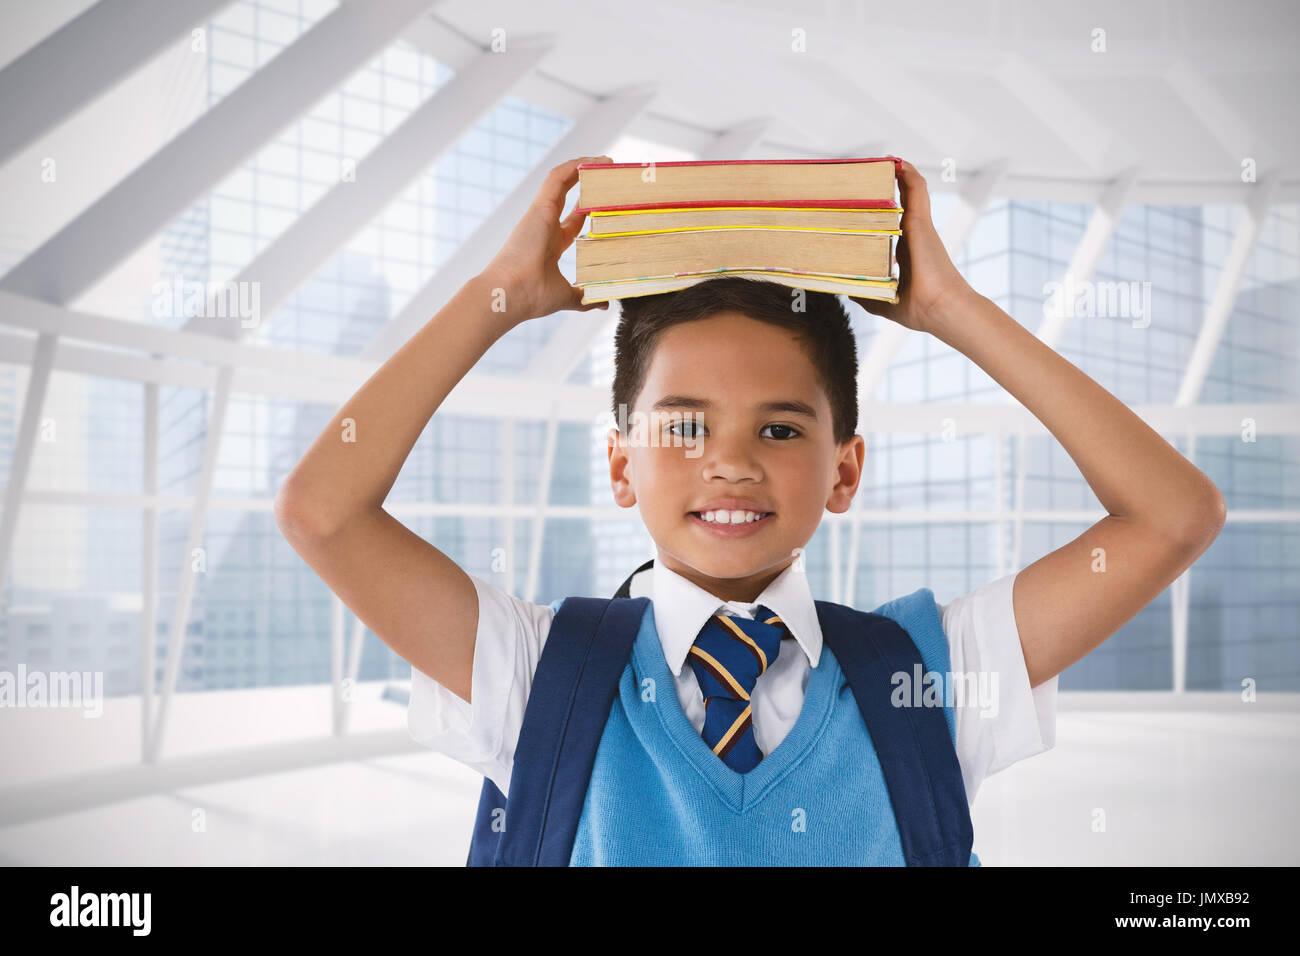 Sonriendo colegial llevar libros en la cabeza sobre fondo blanco contra la moderna habitación con vistas a la ciudad Foto de stock